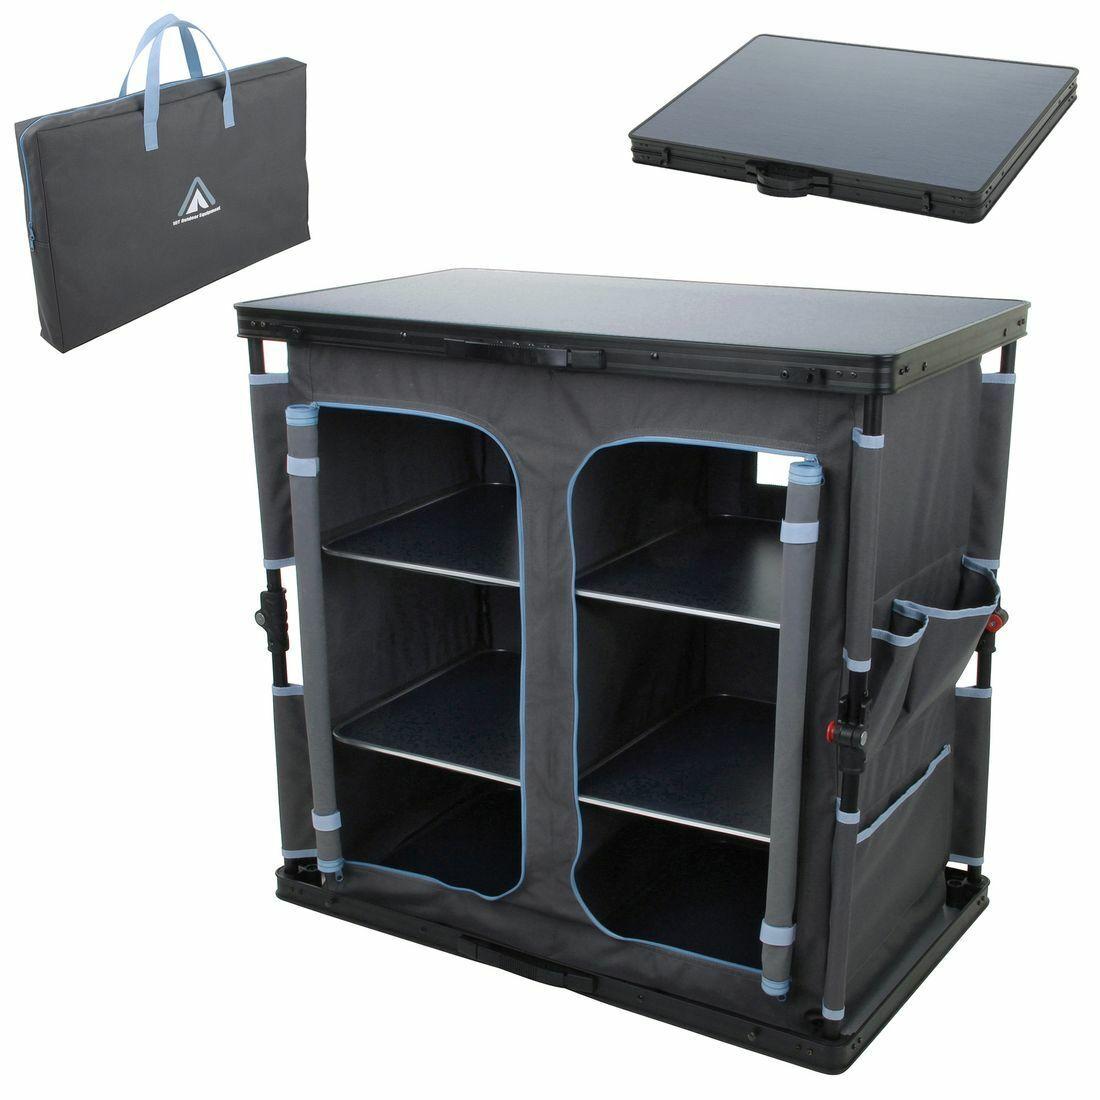 Camping-Schrank Flapbox 6 Fächer Campingküche Kofferschrank mit Faltmechanismus